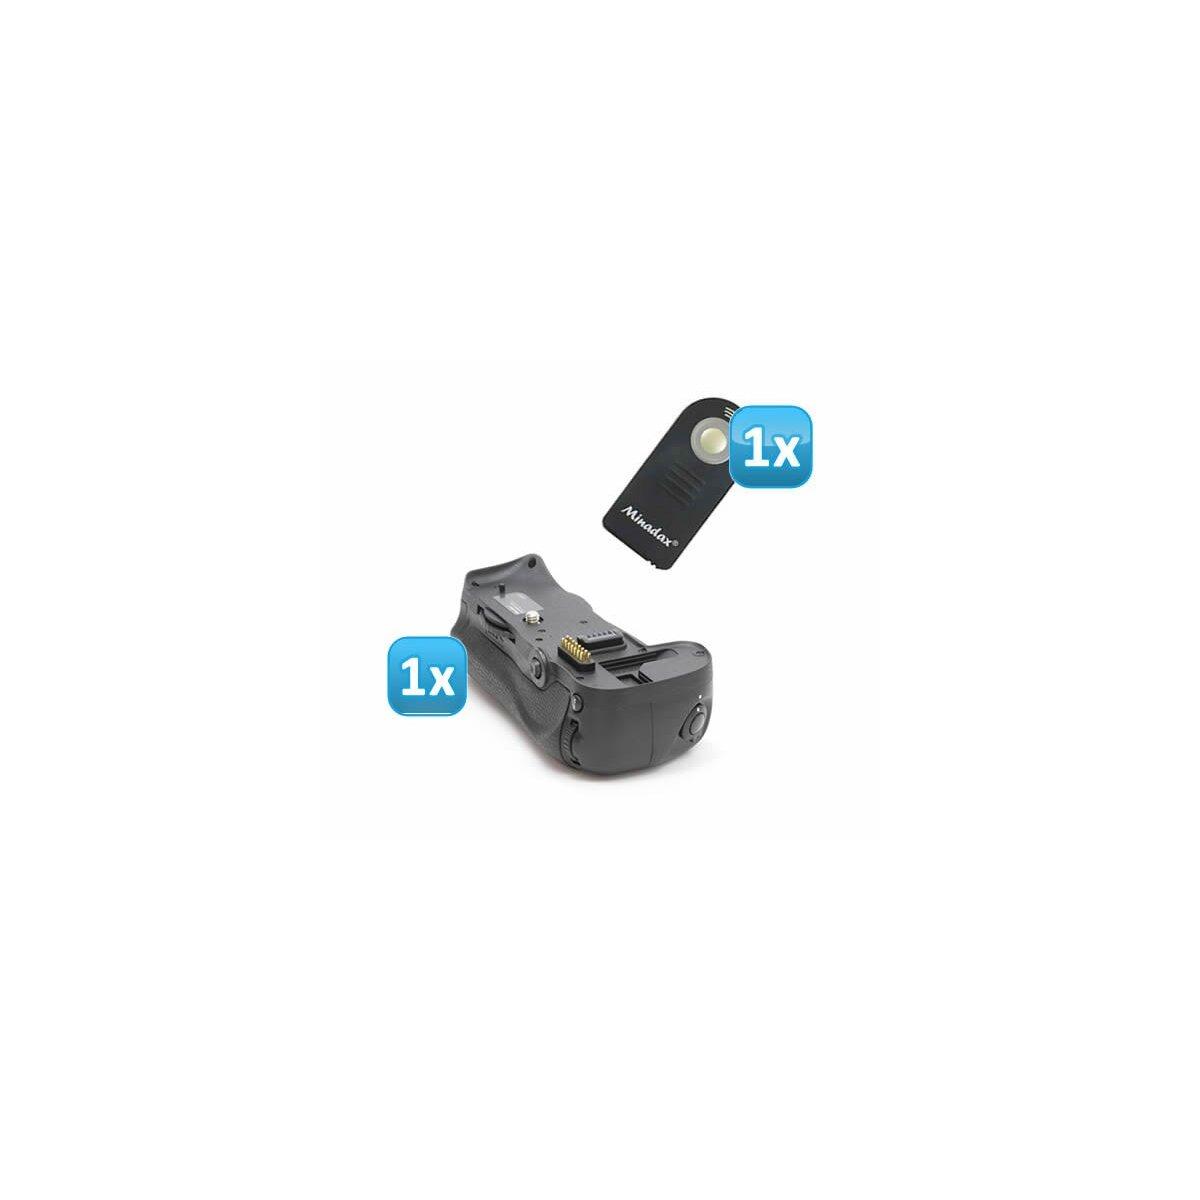 Minadax Profi Batteriegriff fuer Nikon D700, D300s, D300 - ersetzt MB-D10 fuer 1 zusaetzlichen EN-EL3e Akku oder 8 AA Batterien + 1x Infrarot Fernbedienung!